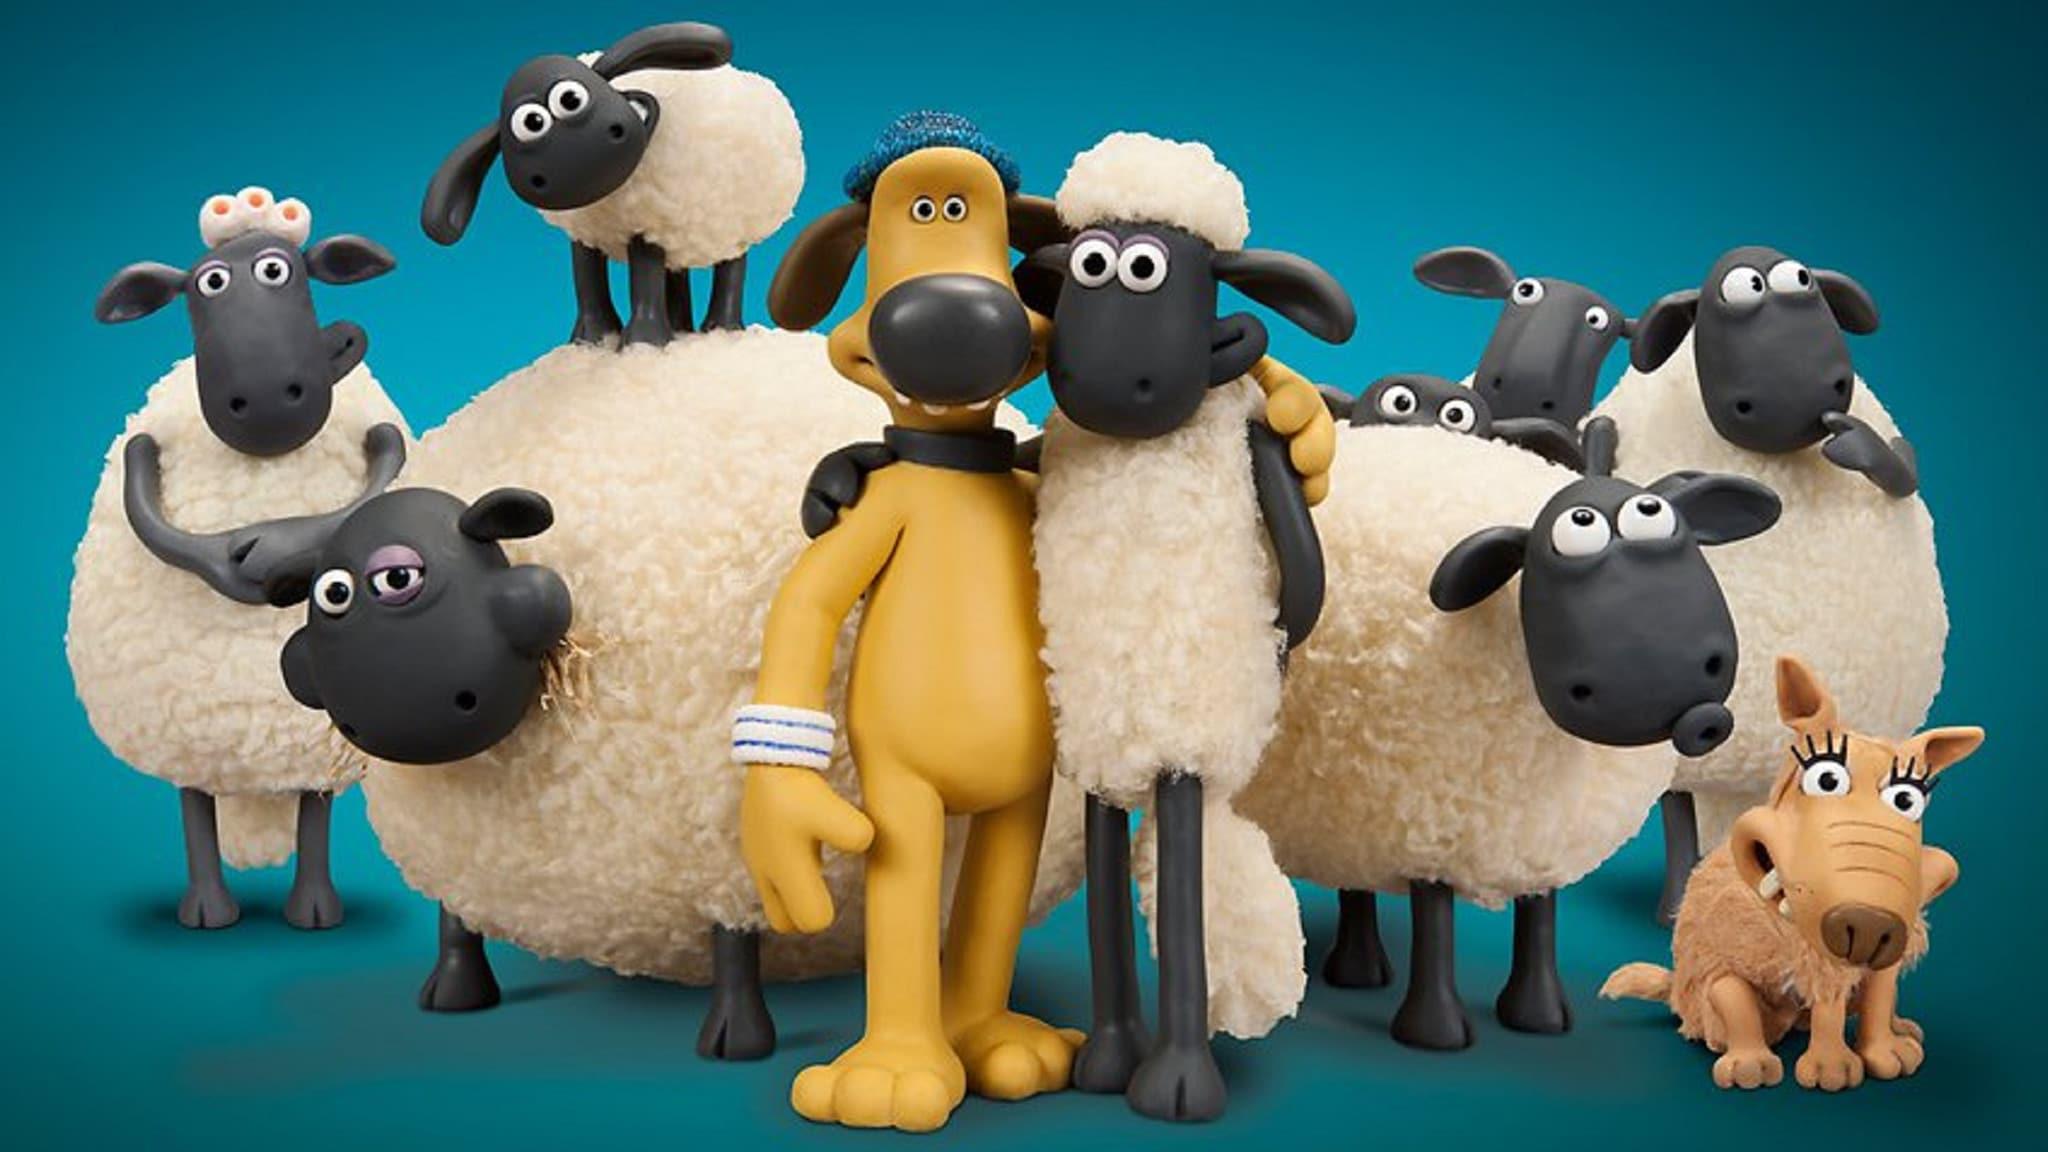 Rai Yoyo Shaun vita da pecora - S5E14 - Consegne pericolose